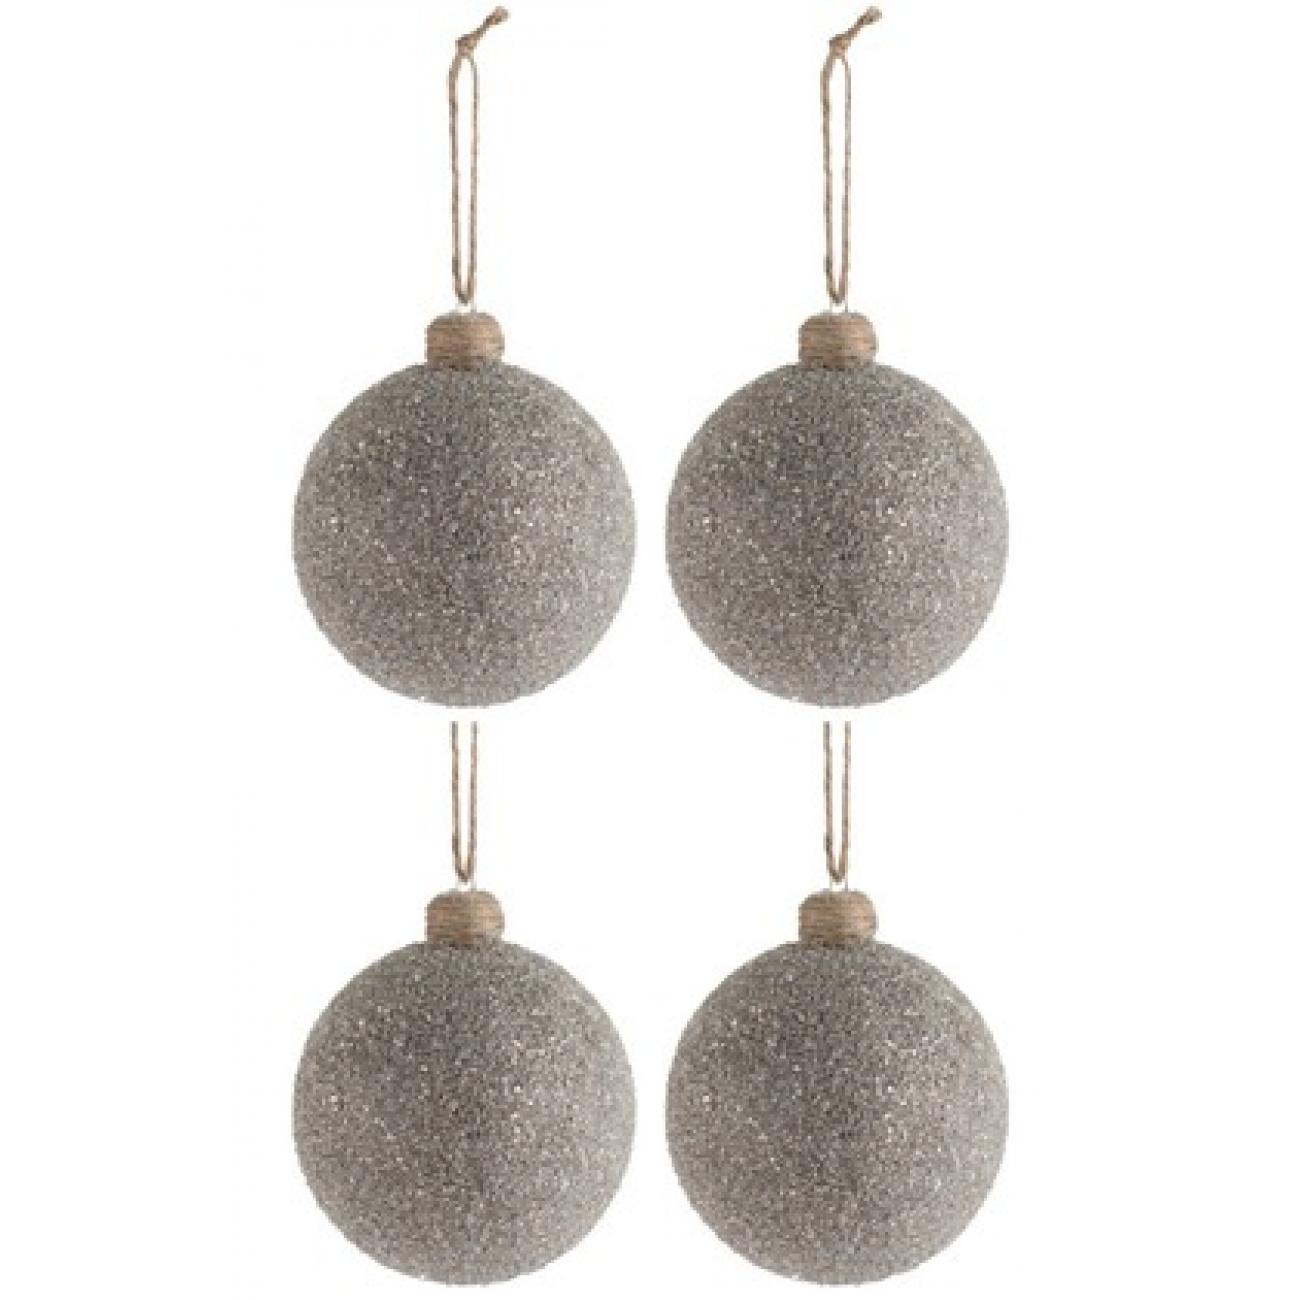 Набор елочных стеклянных шаров J-LINE серебрянные усыпанные стеклянной крошкой 10 см